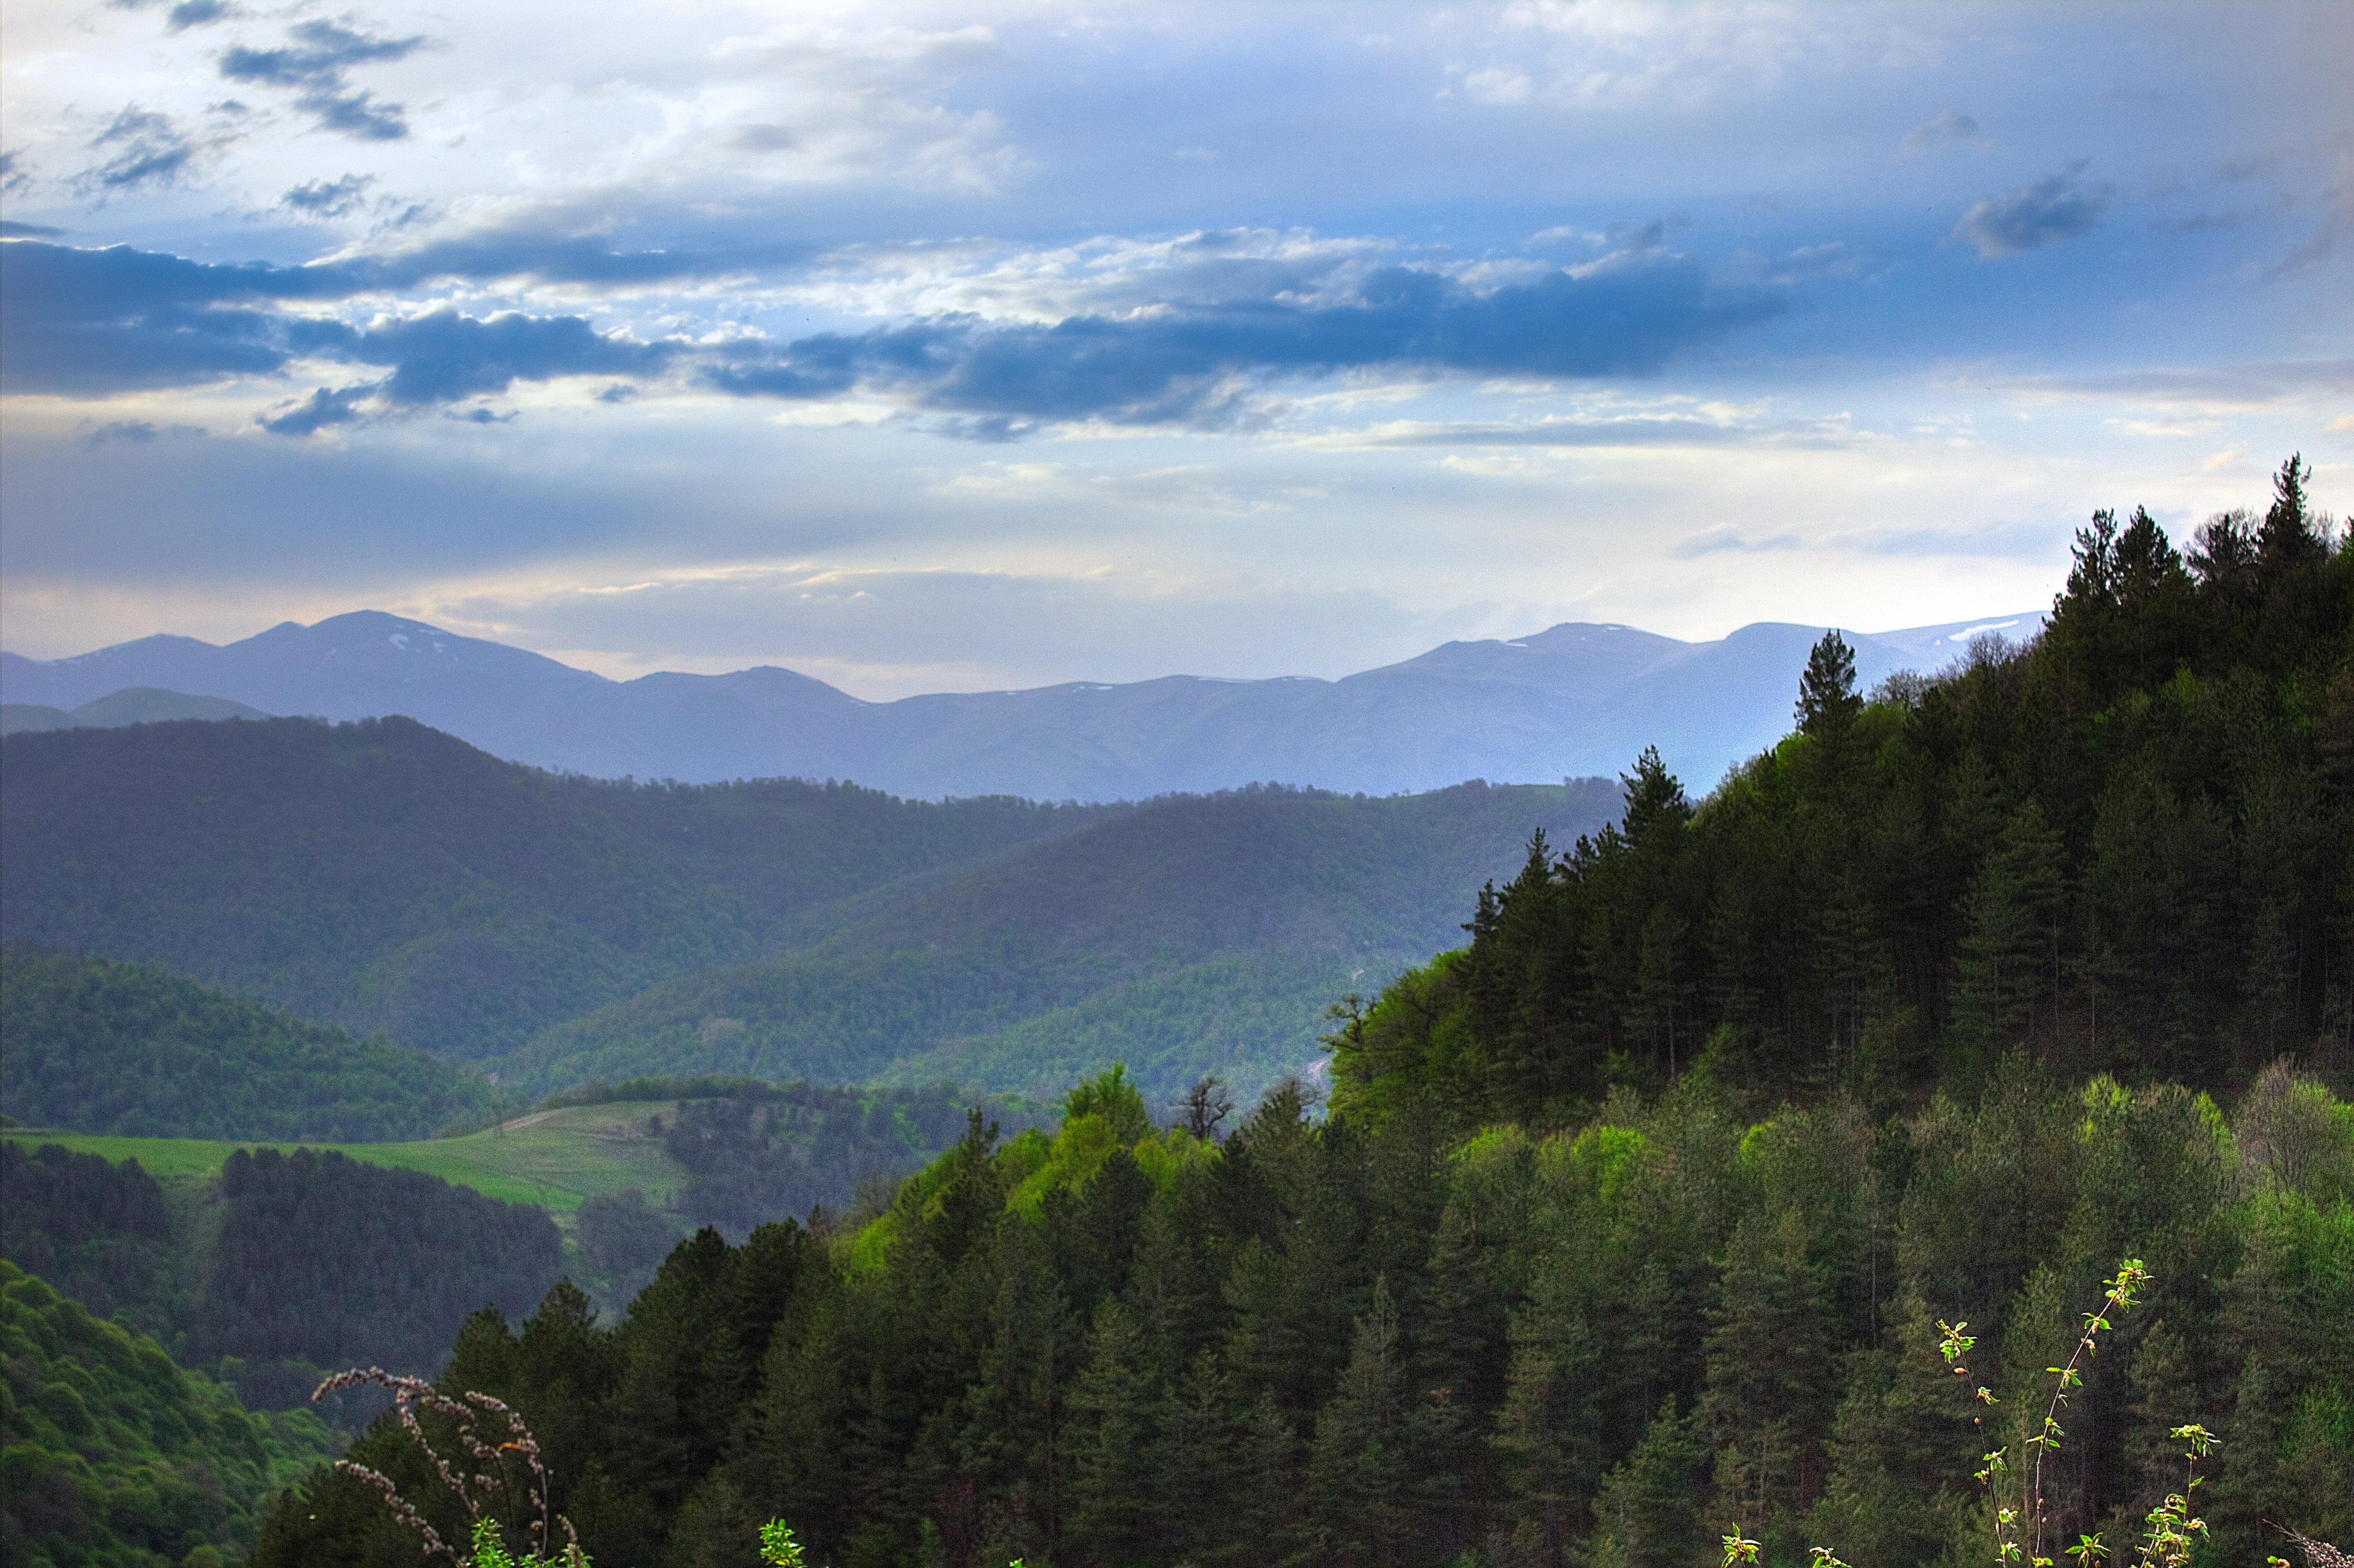 Туры в Армению | Новый год в Армении | Пеший тур в Ластивер, Тавушская область